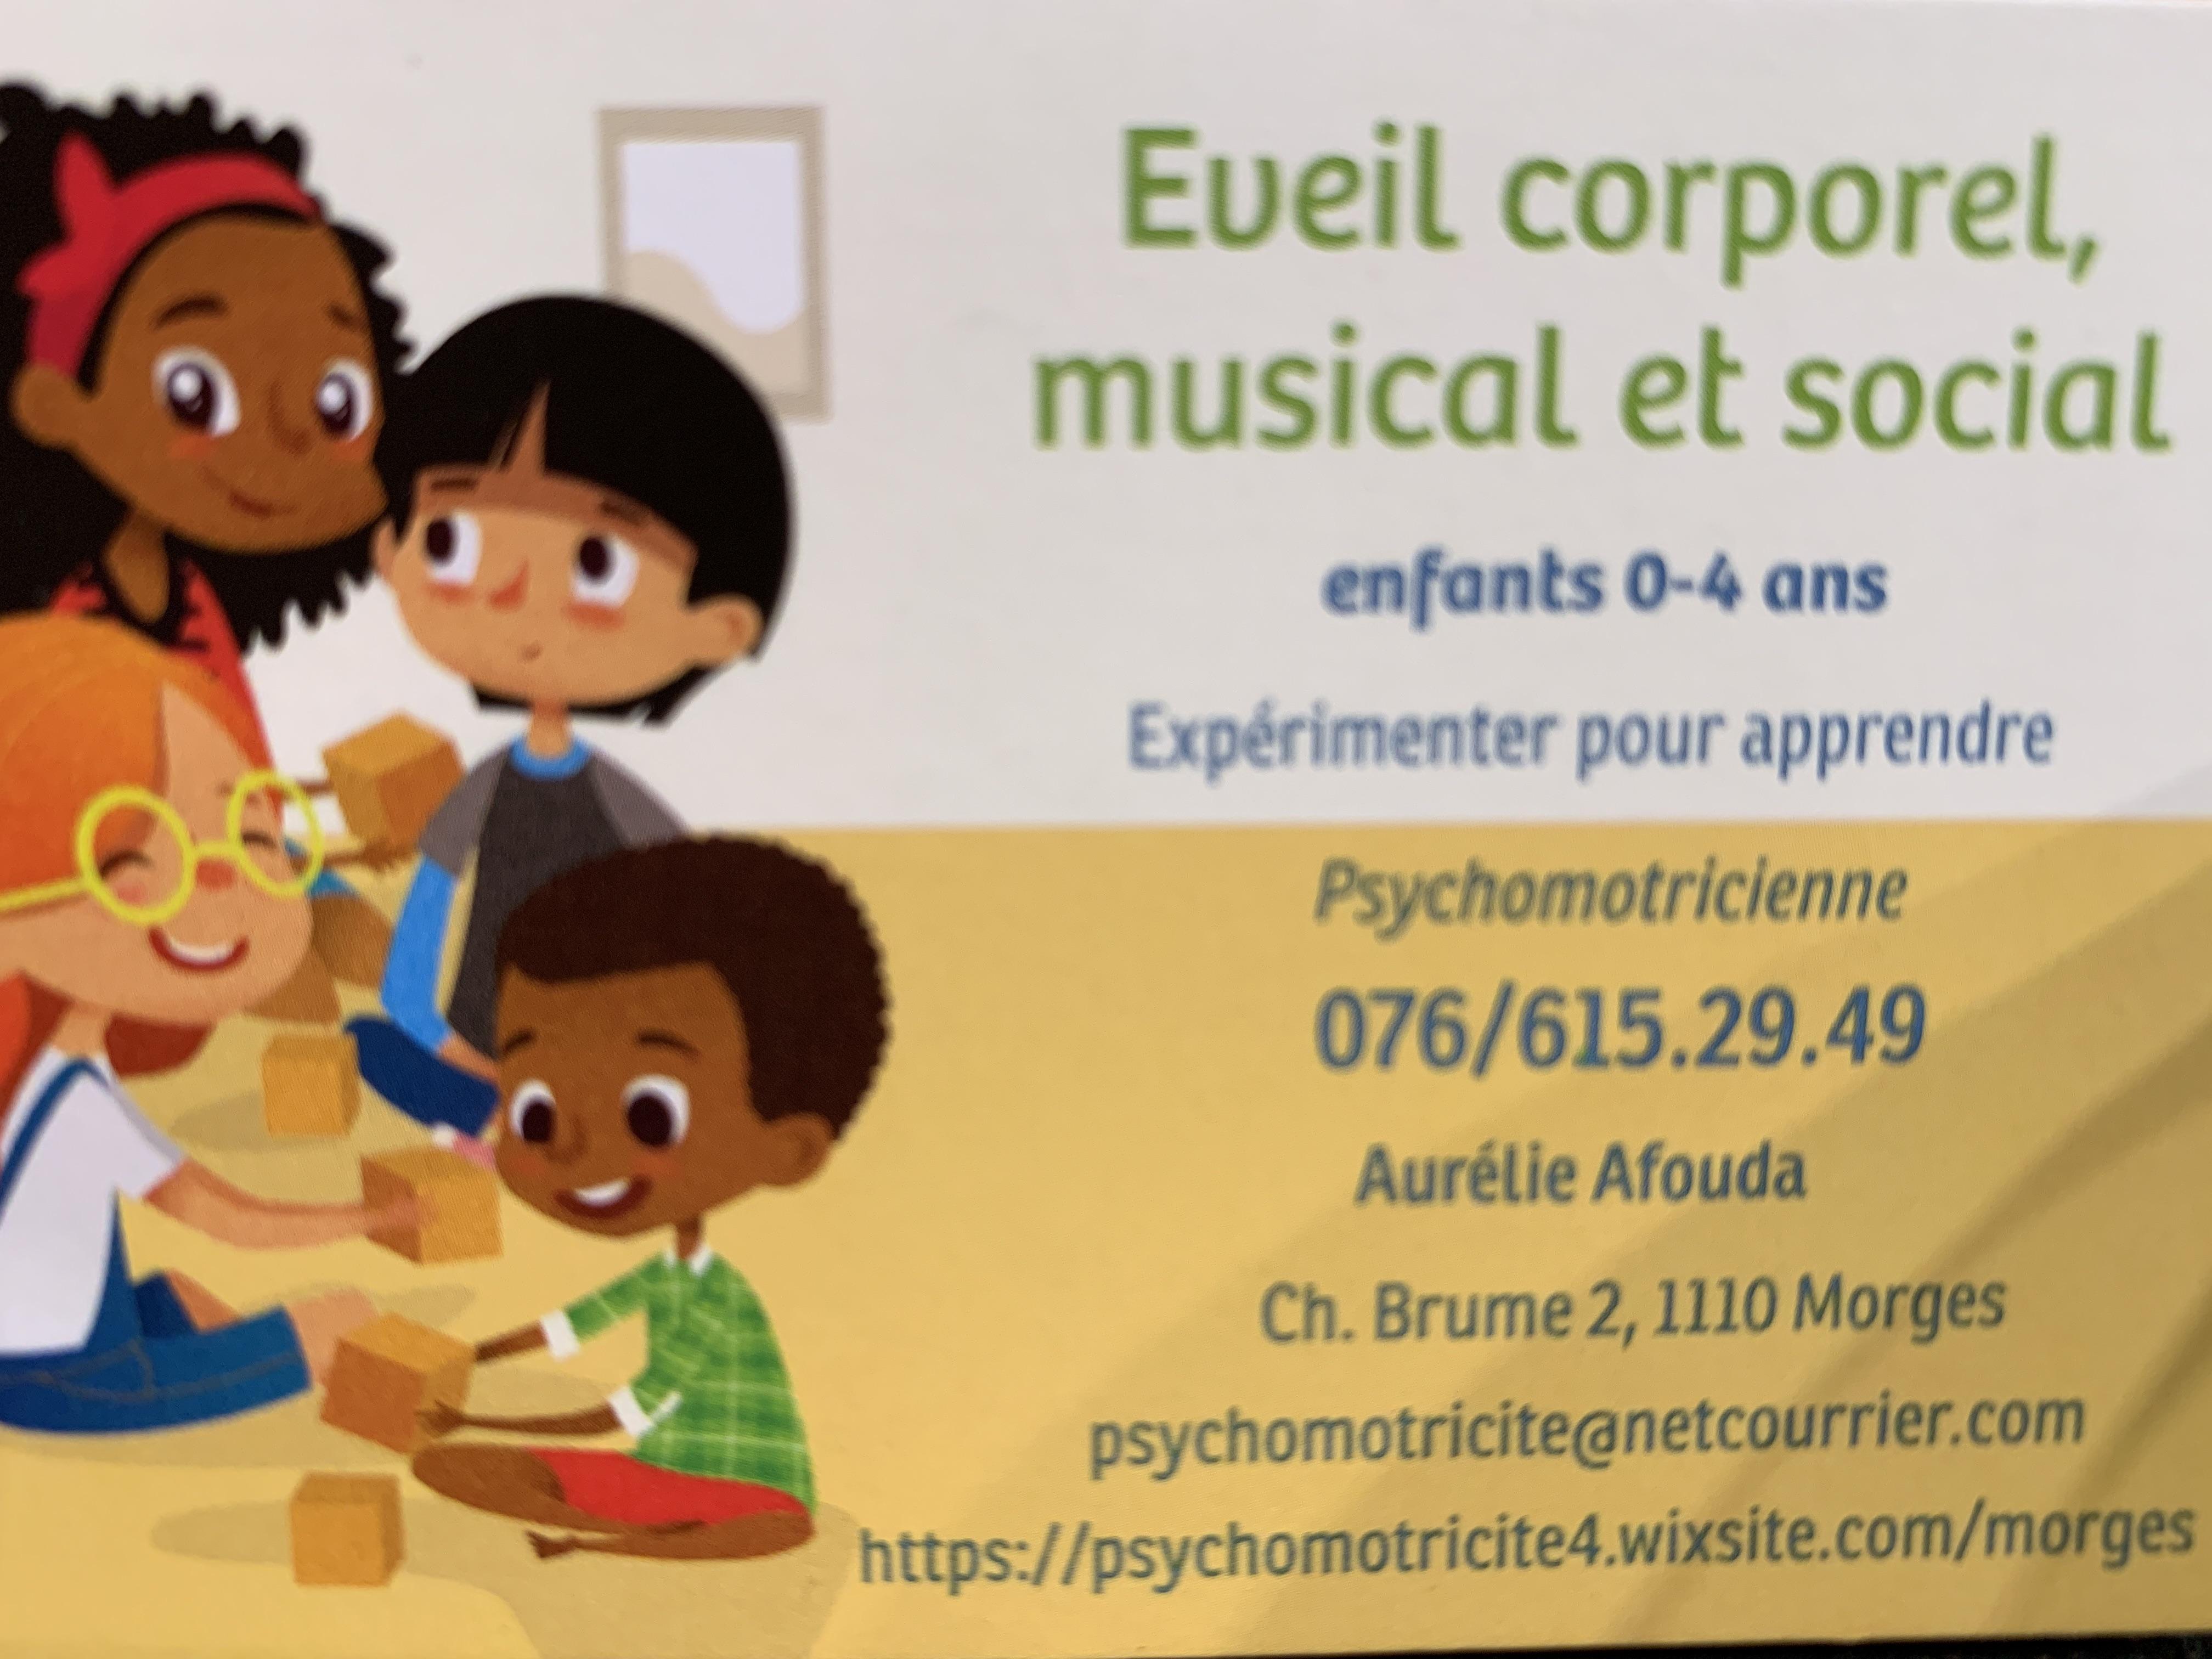 Éveil corporel, social et musical pour enfant entre 1 à 2 1 2 ans et leurs  parents famille. En petits groupes de 3-6 enfants. Cours donnés par une ... 3ddf381e8f1